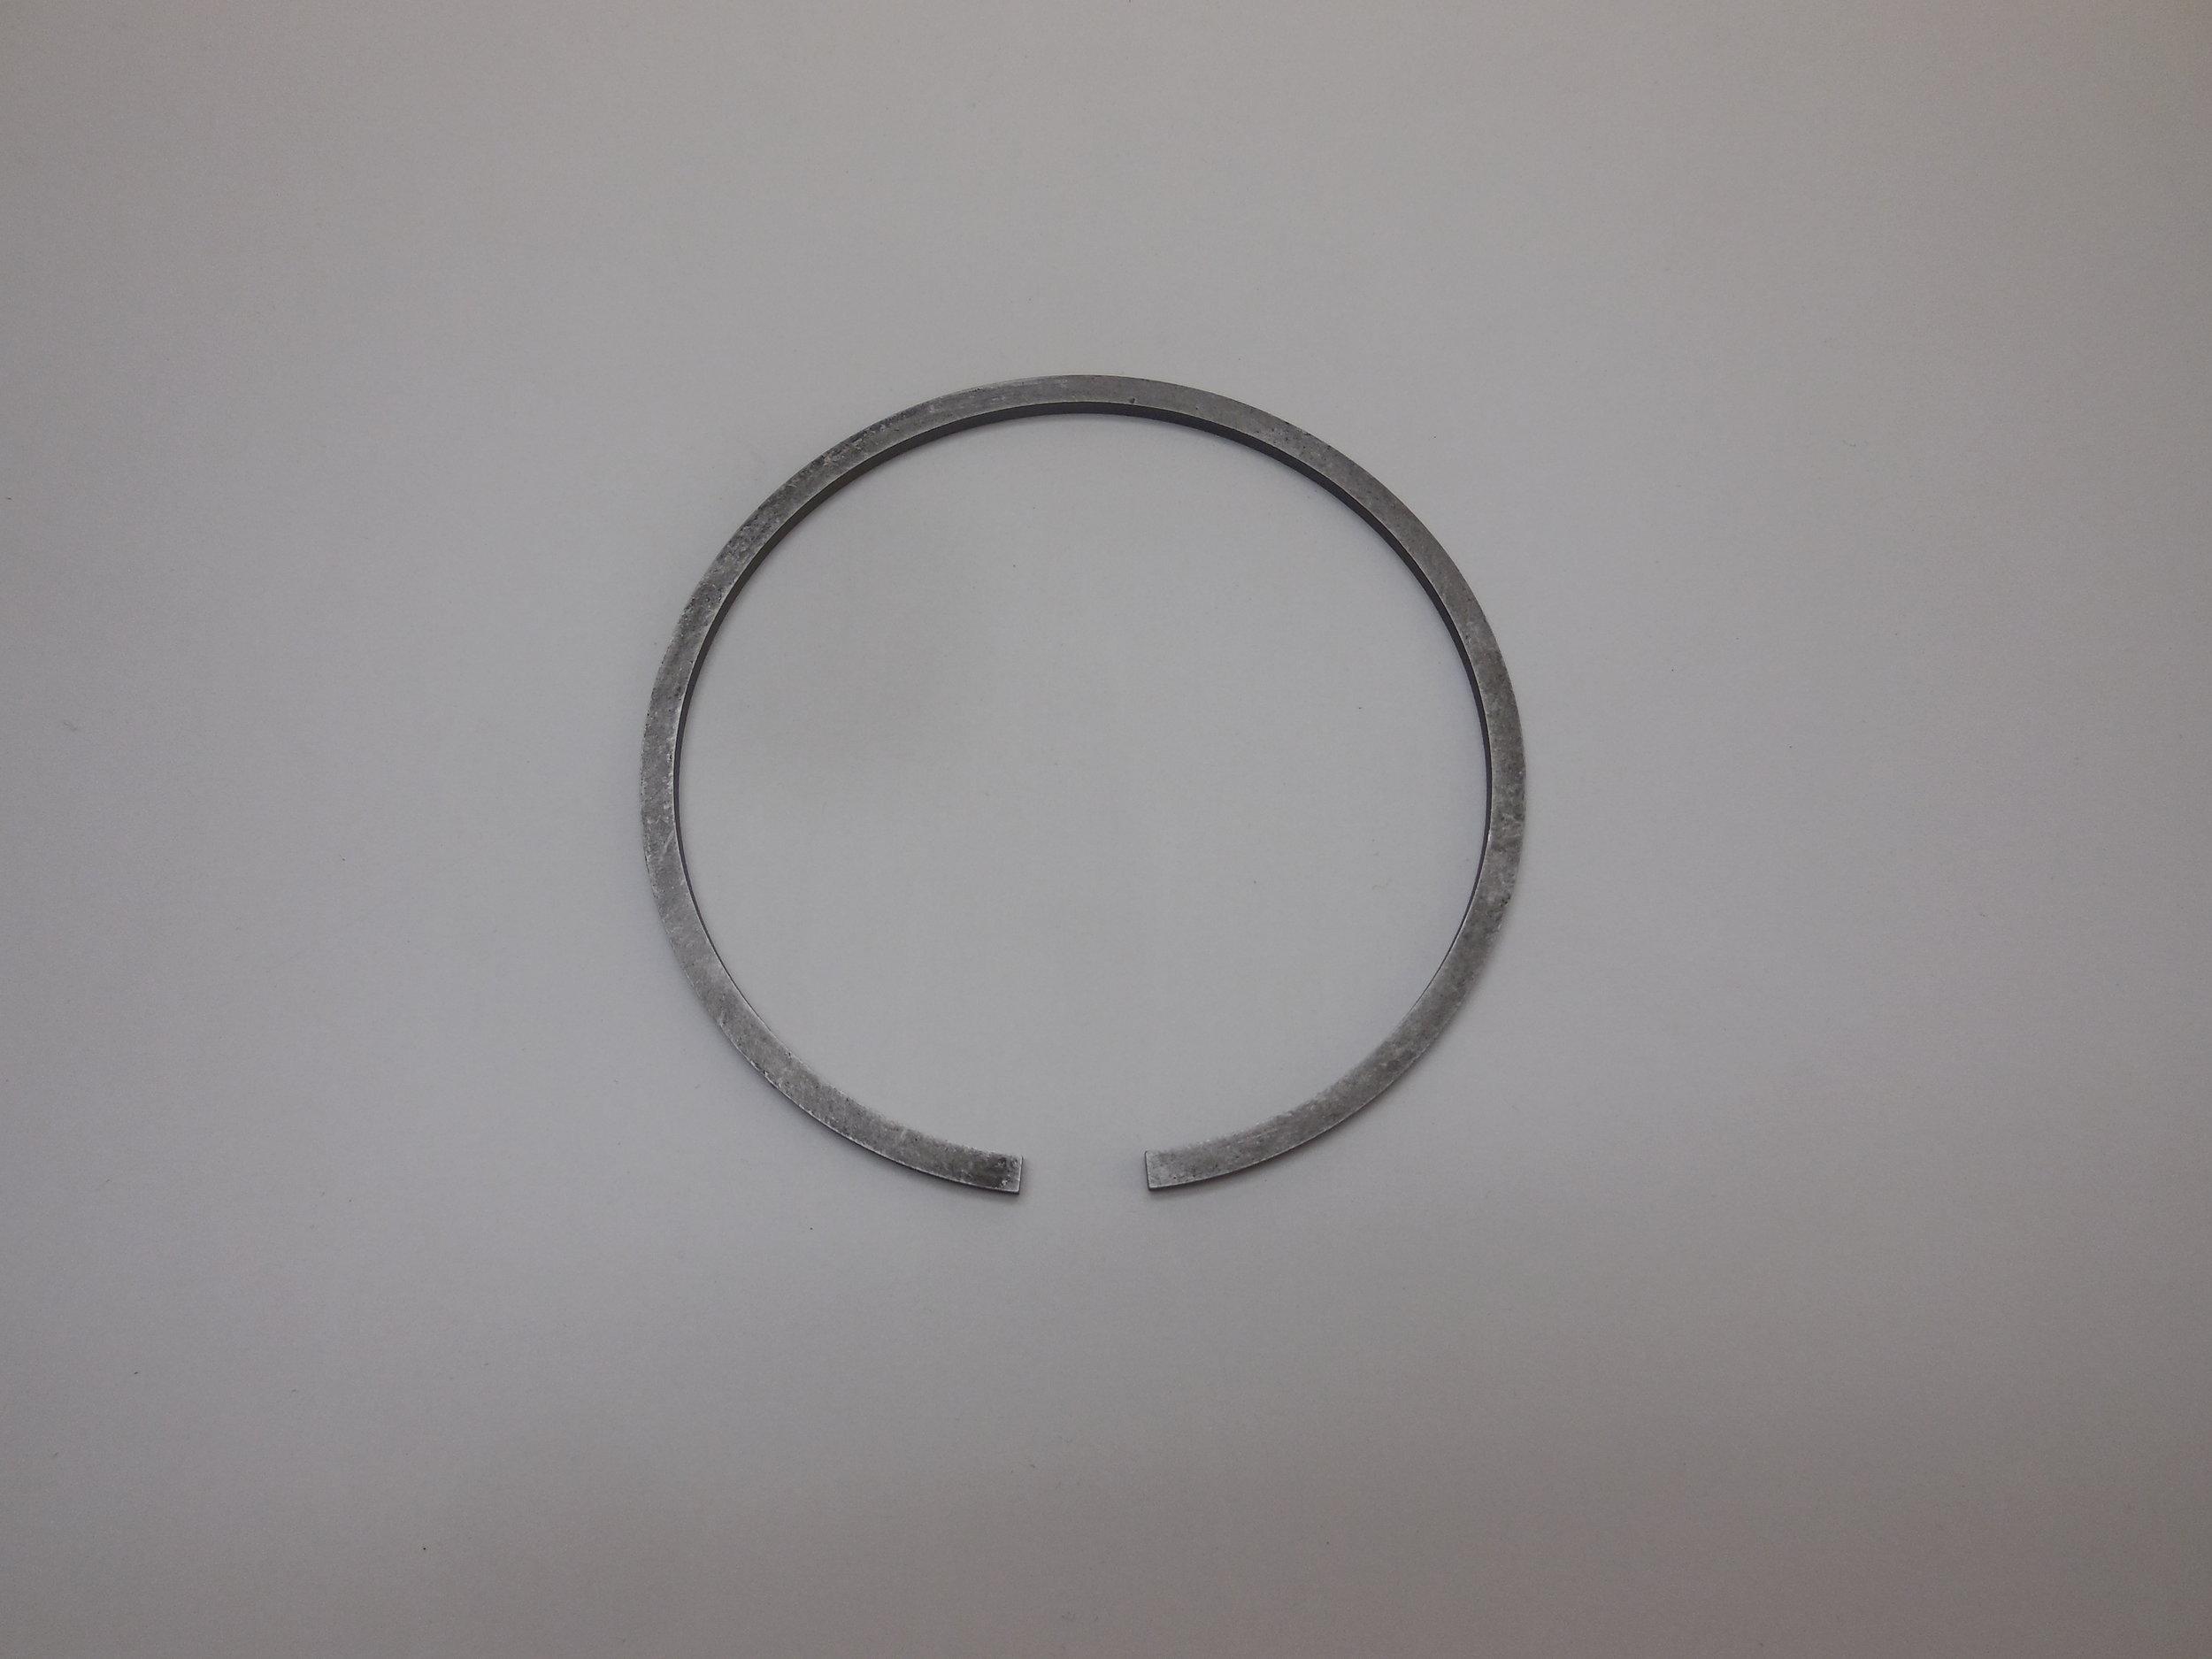 Seal ring Mb nr: 115 2 07 55 price: